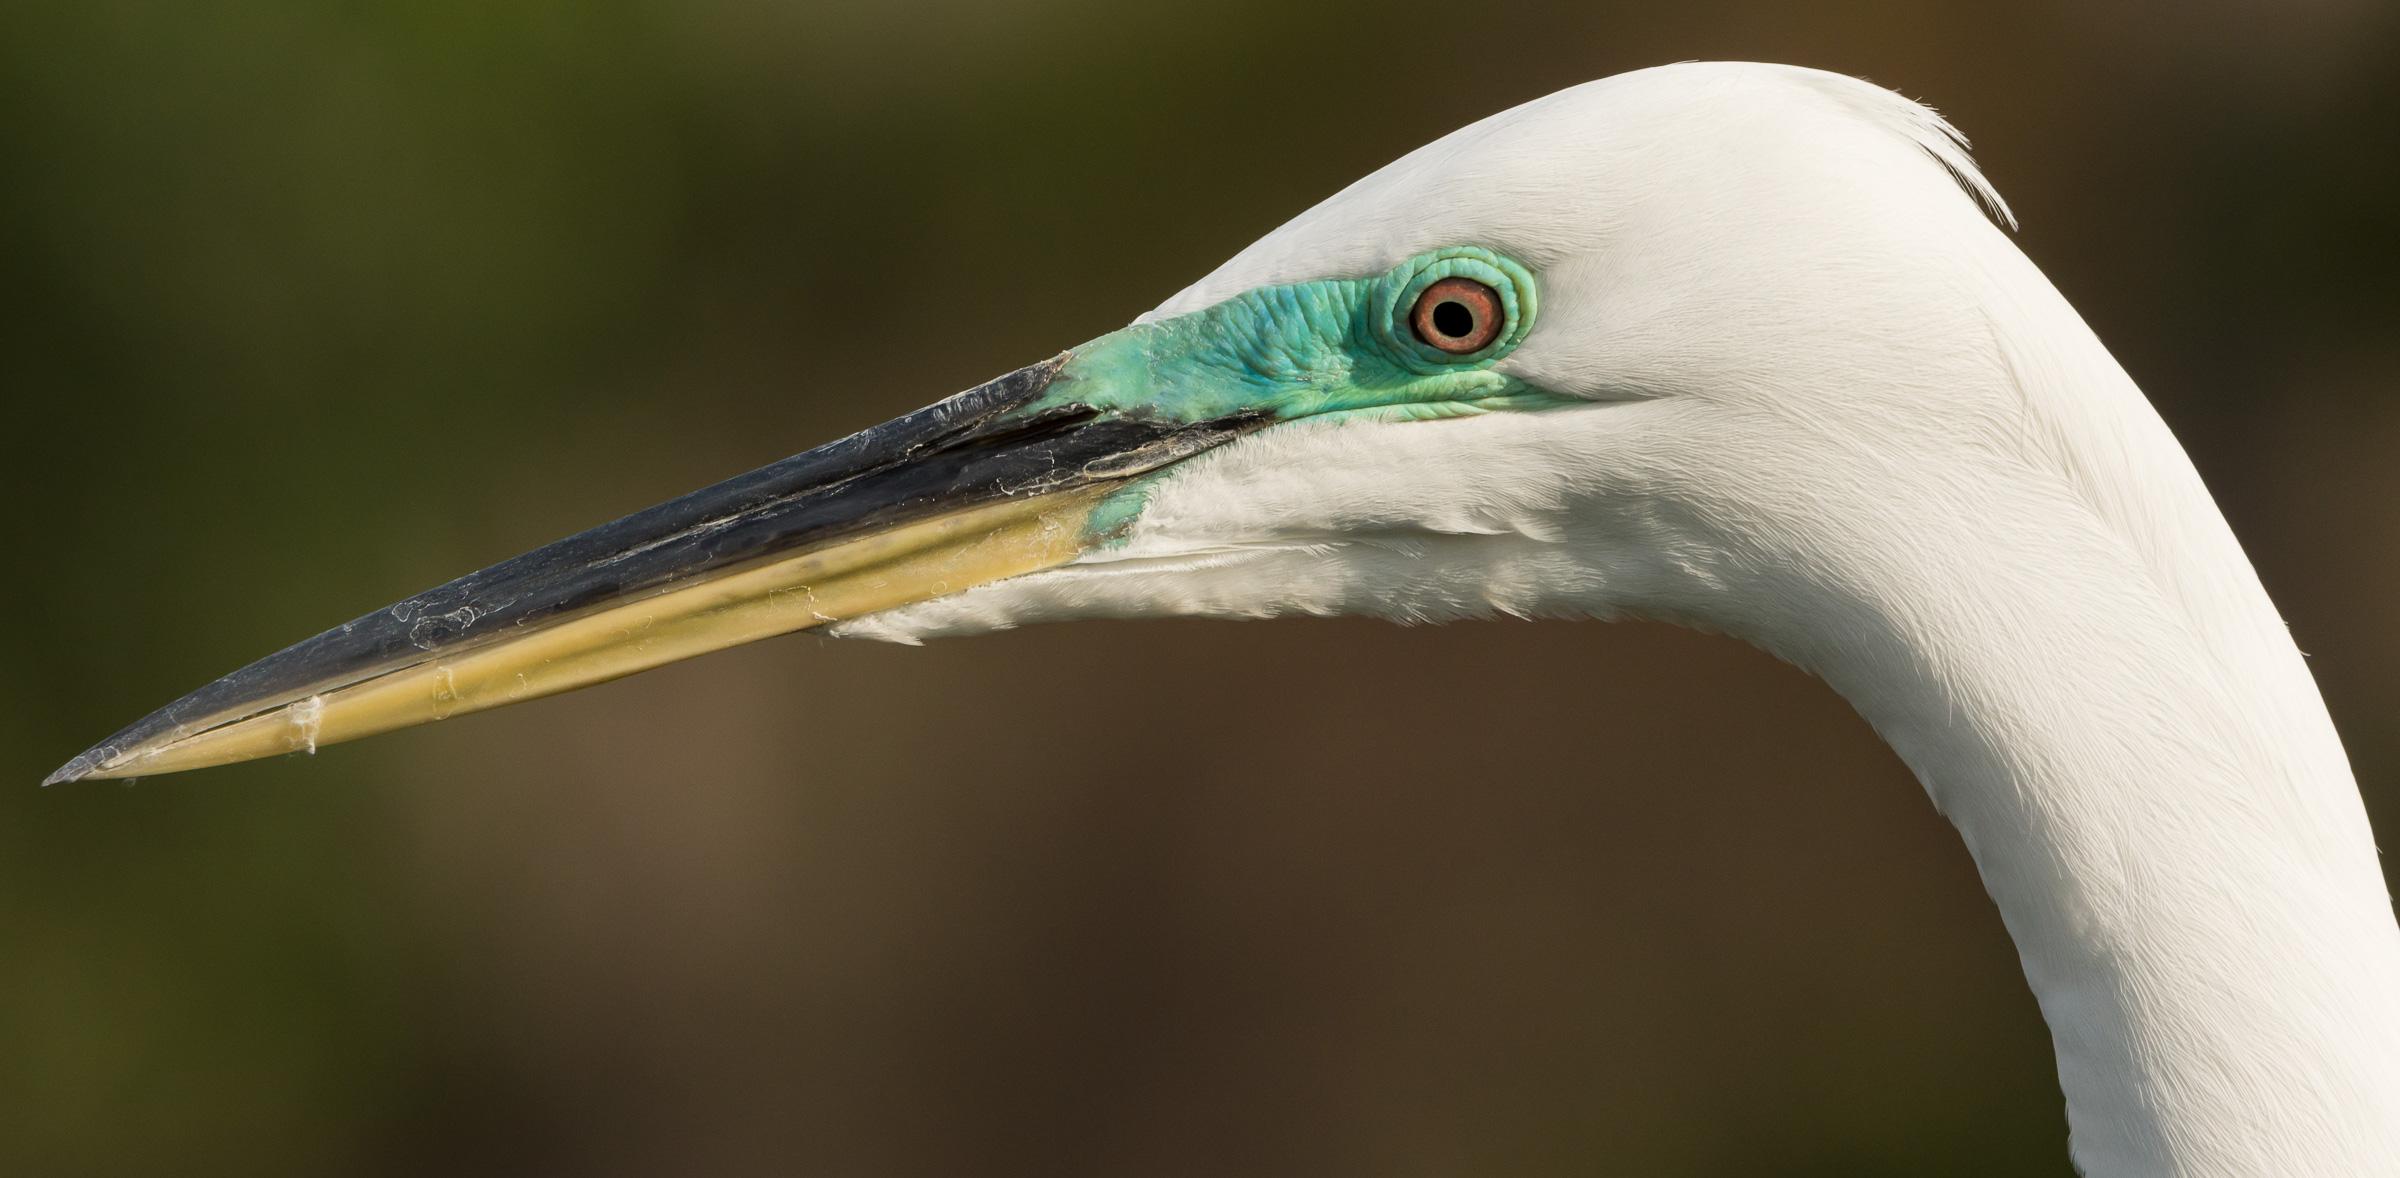 Great Egret. Photo: Trudy Walden/Audubon Photography Awards.